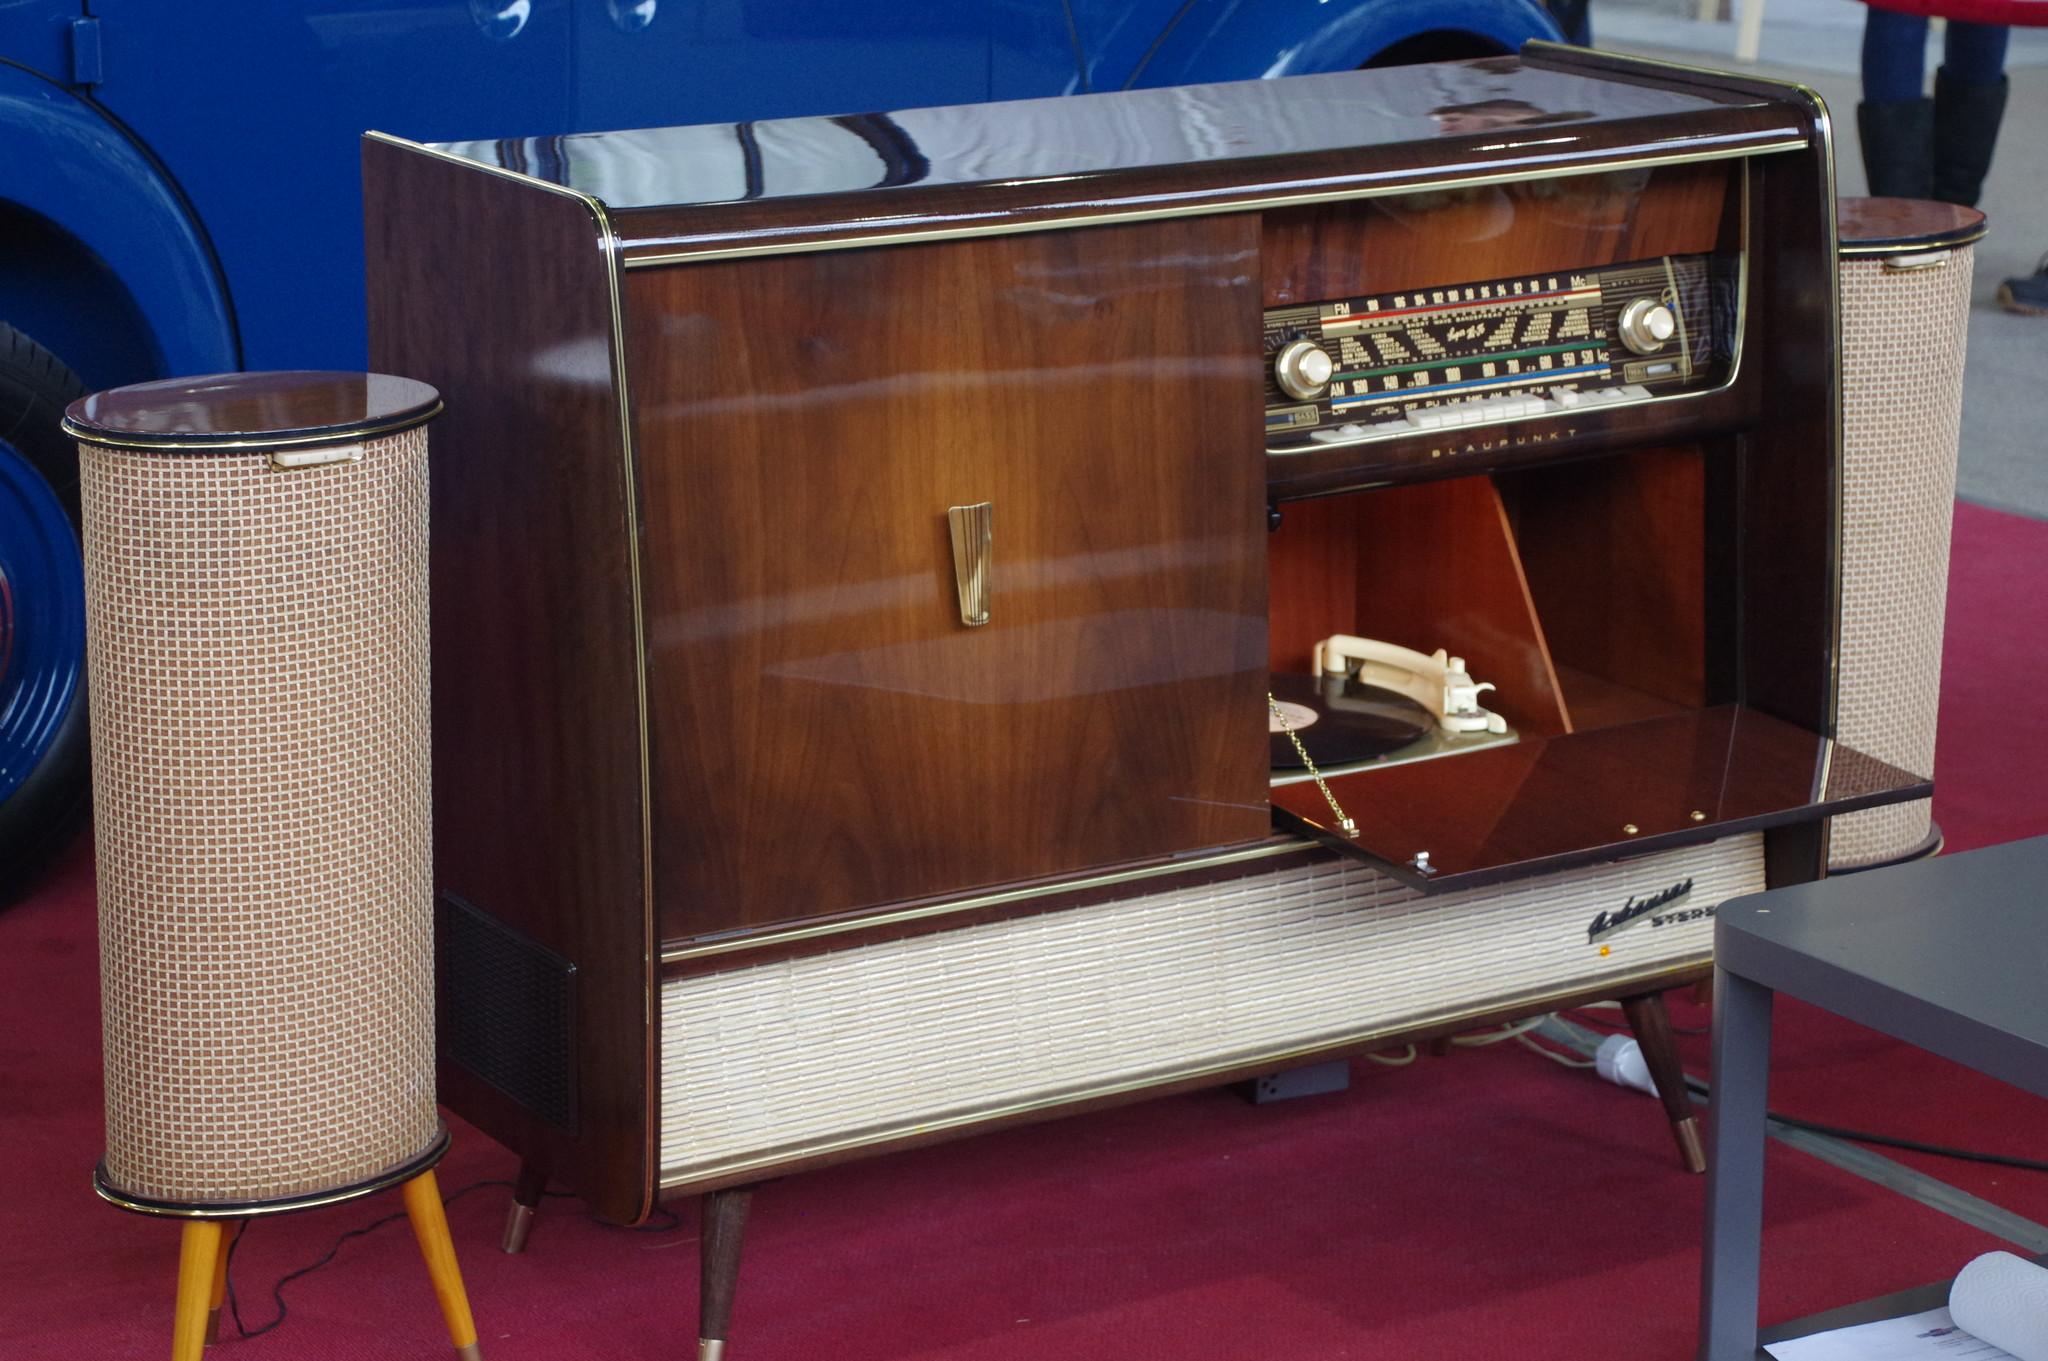 Радиоприёмник в одном корпусе с проигрывателем грампластинок